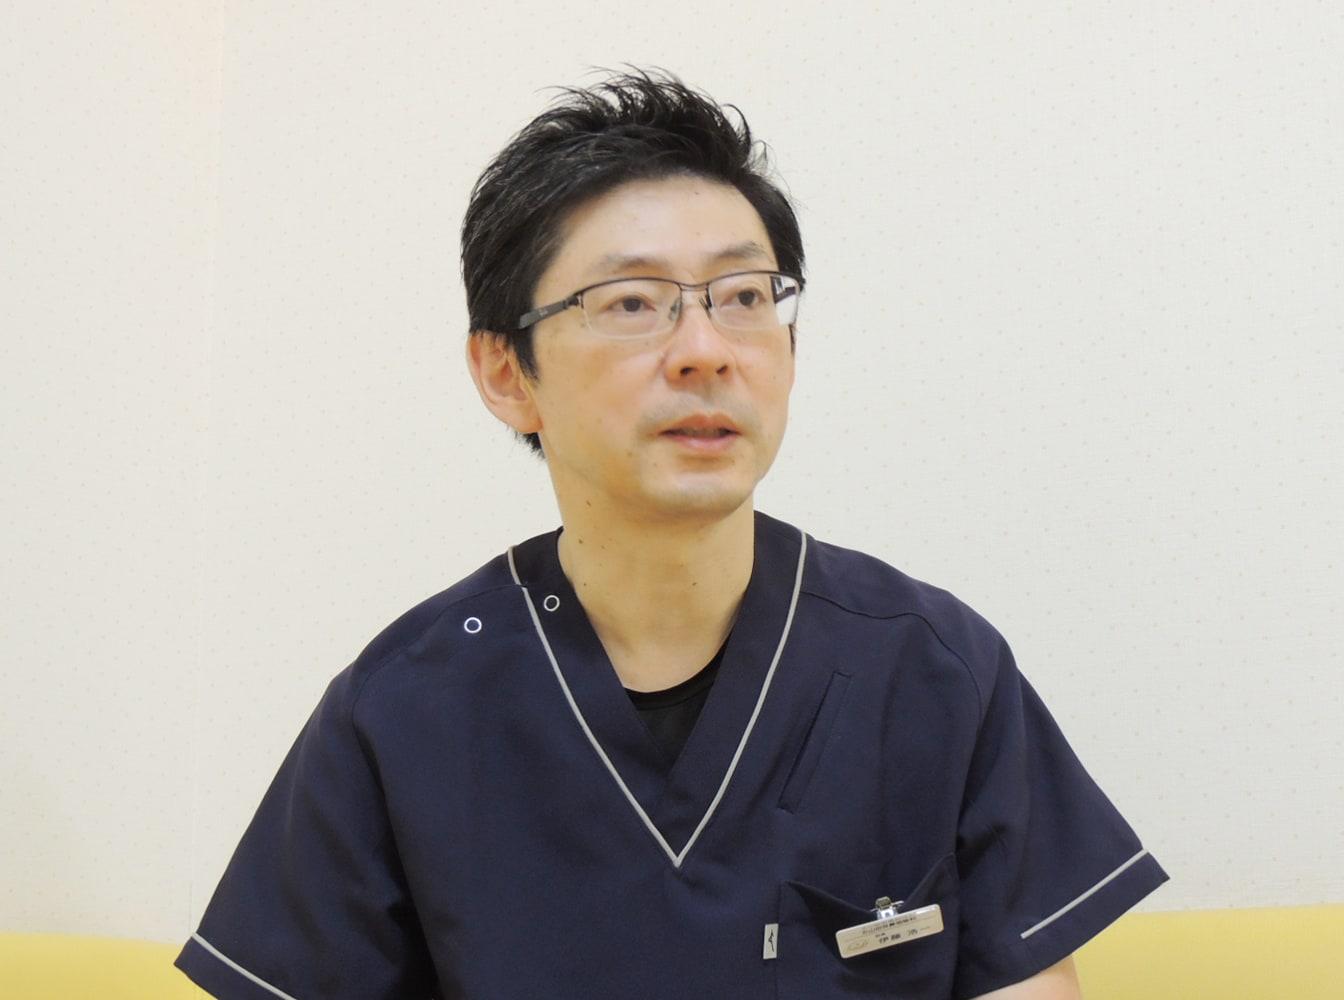 北山田耳鼻咽喉科 伊藤 浩一 院長